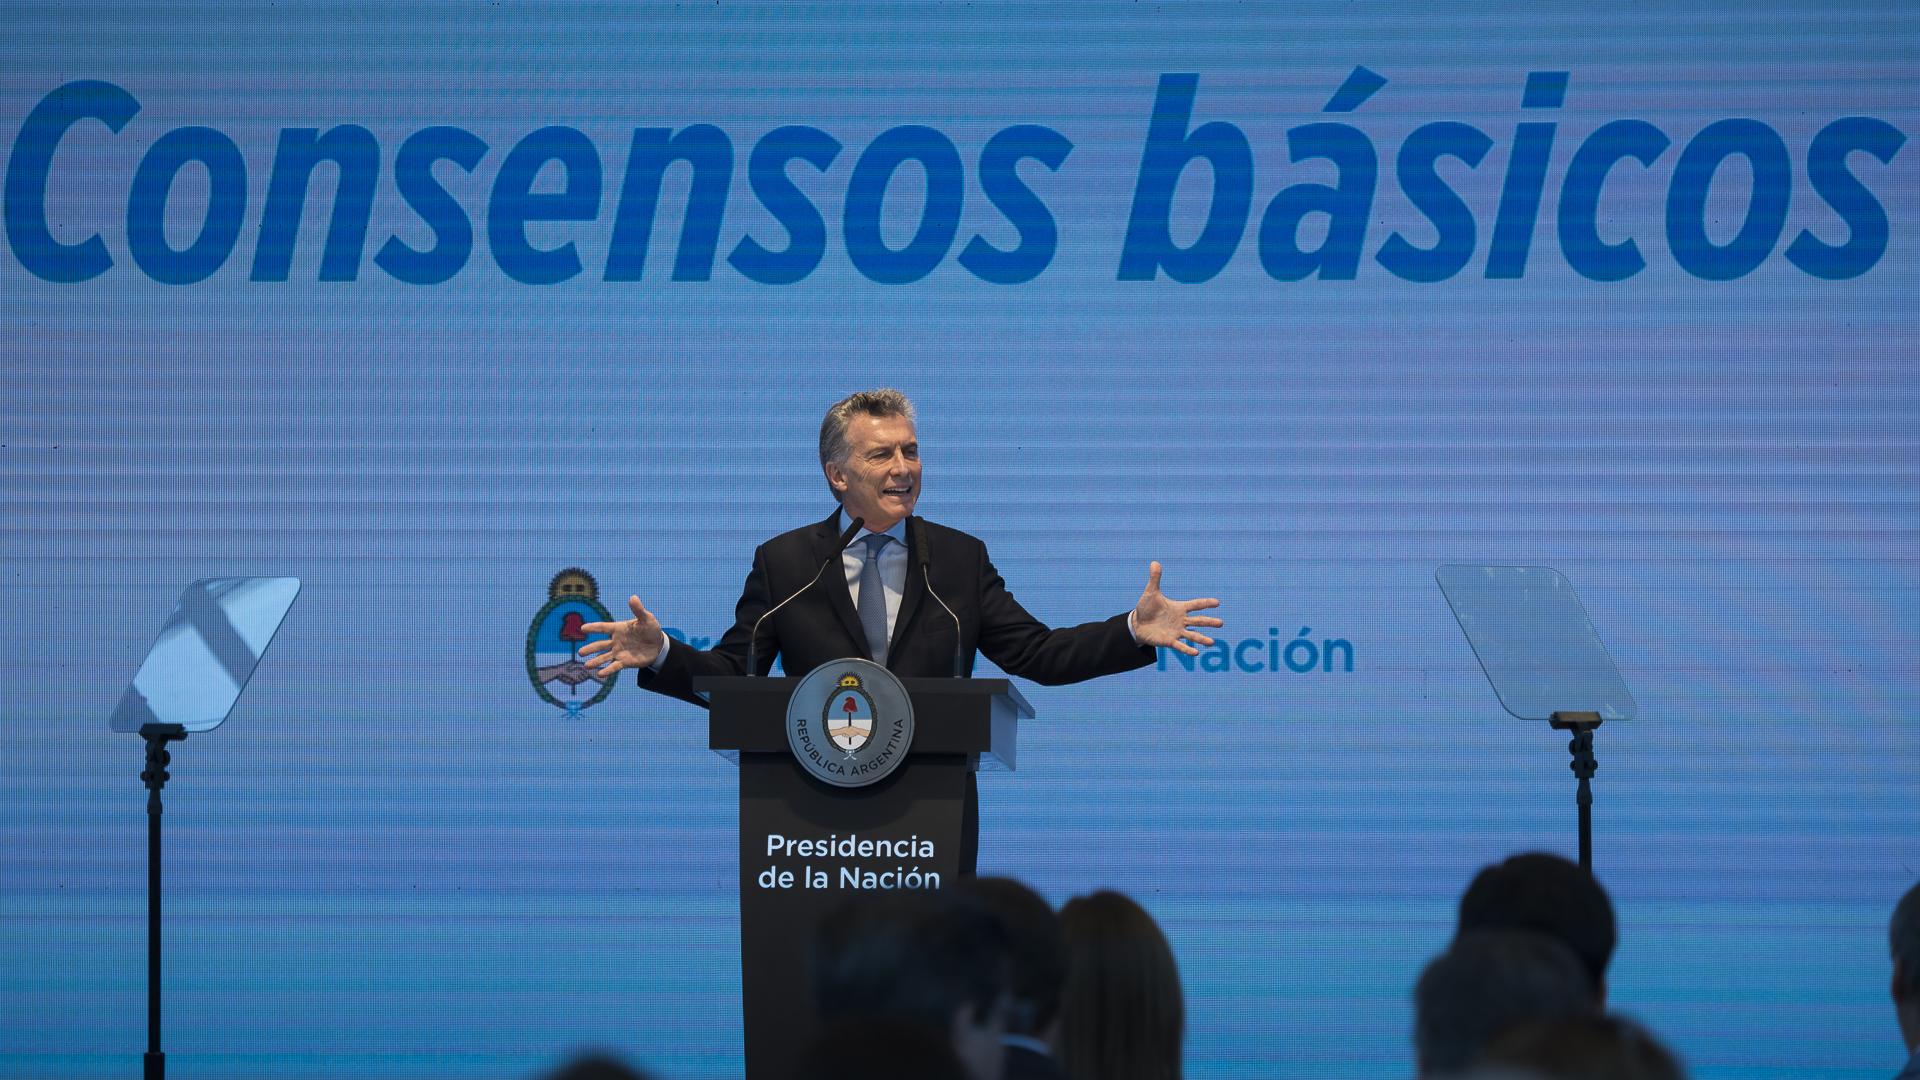 El presidente Macri expuso ante empresarios, sindicalistas y funcionarios (Adrián Escandar)